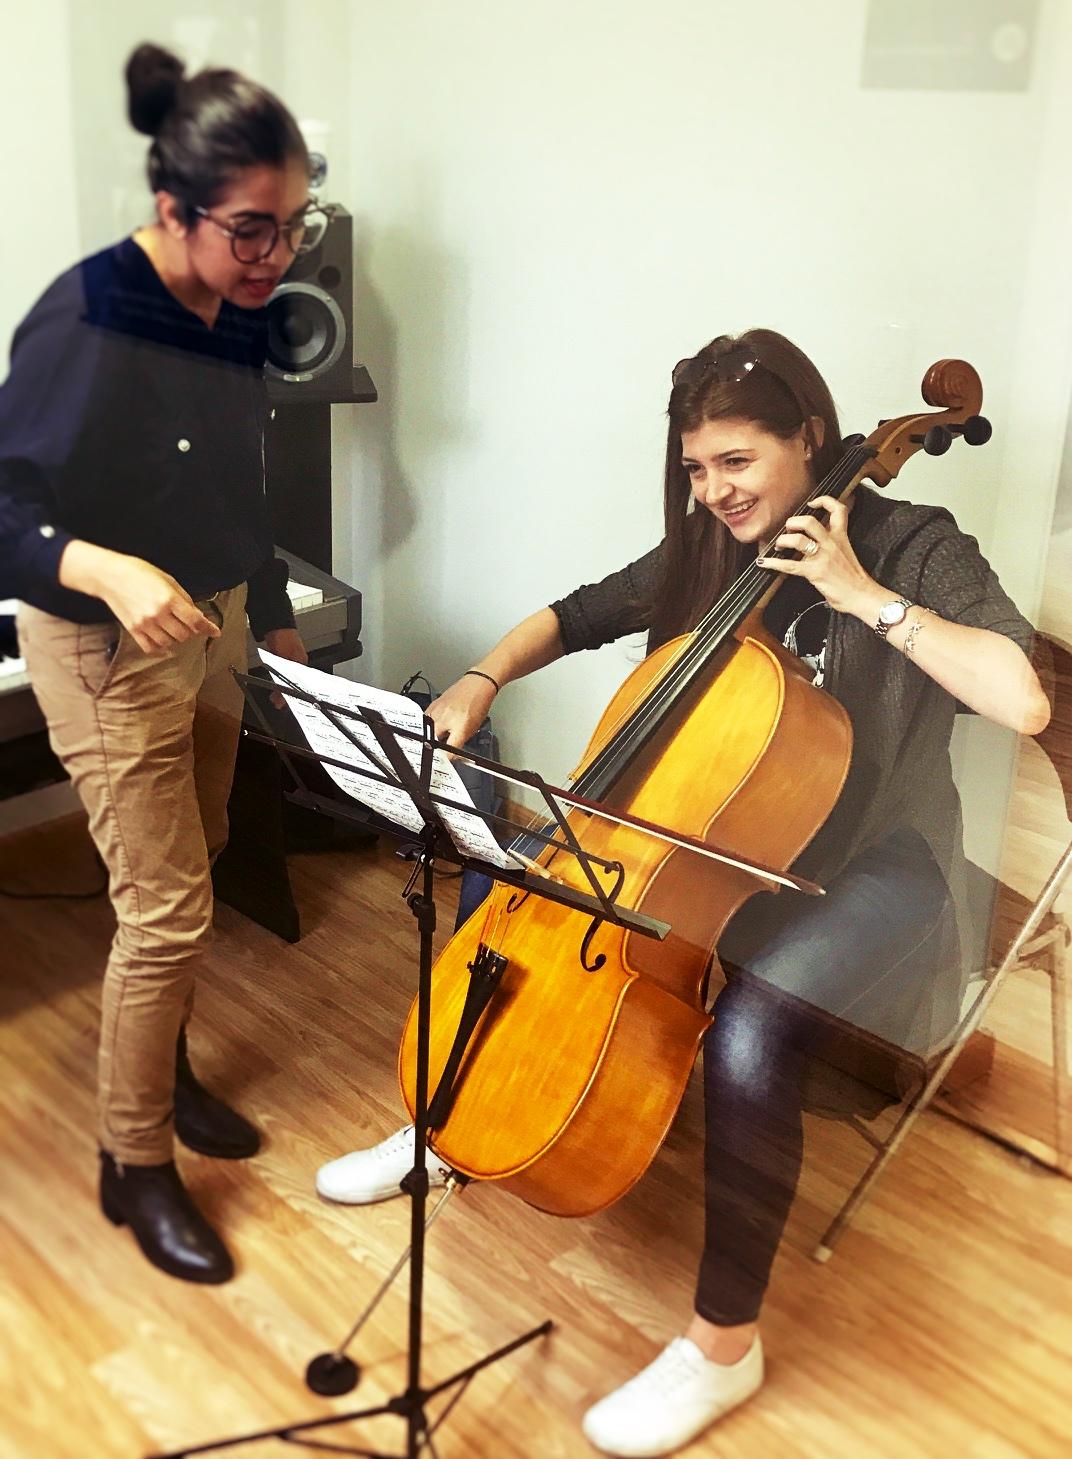 estudiante de cello recibiendo instrucciones de profesora en academia musical TUTEMPO